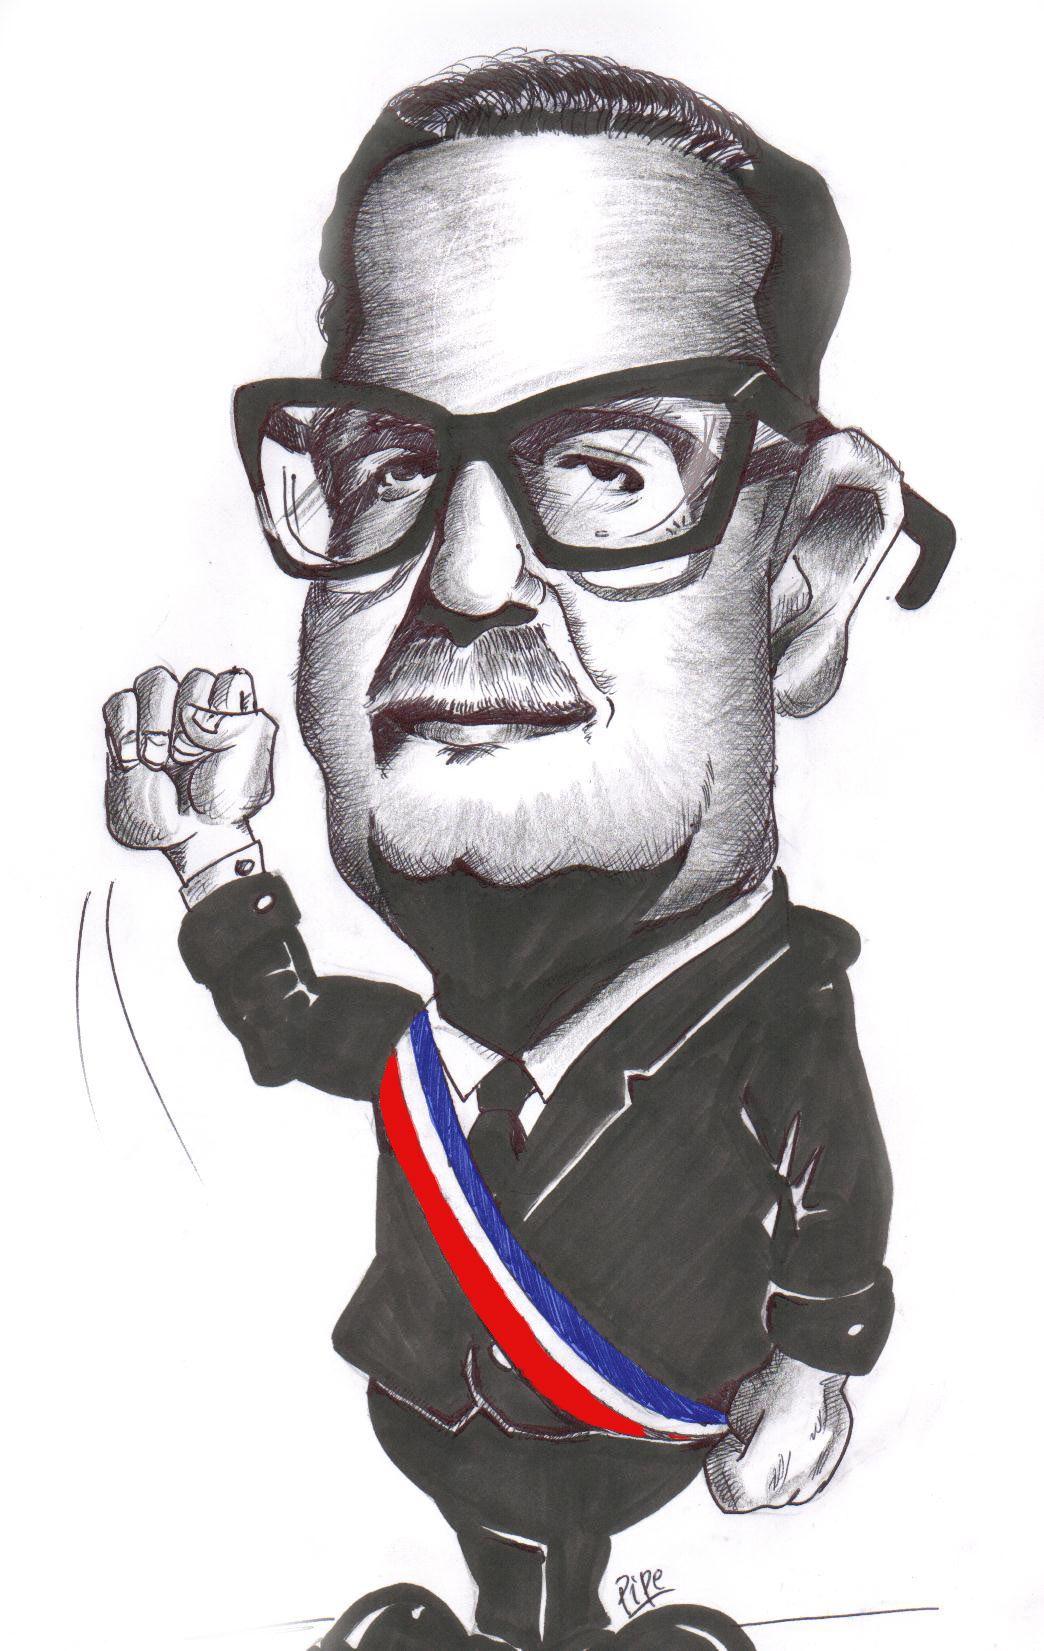 Caricature De Salvador Allende Con Imagenes Salvador Allende El Salvador Salvador Allende Gossens